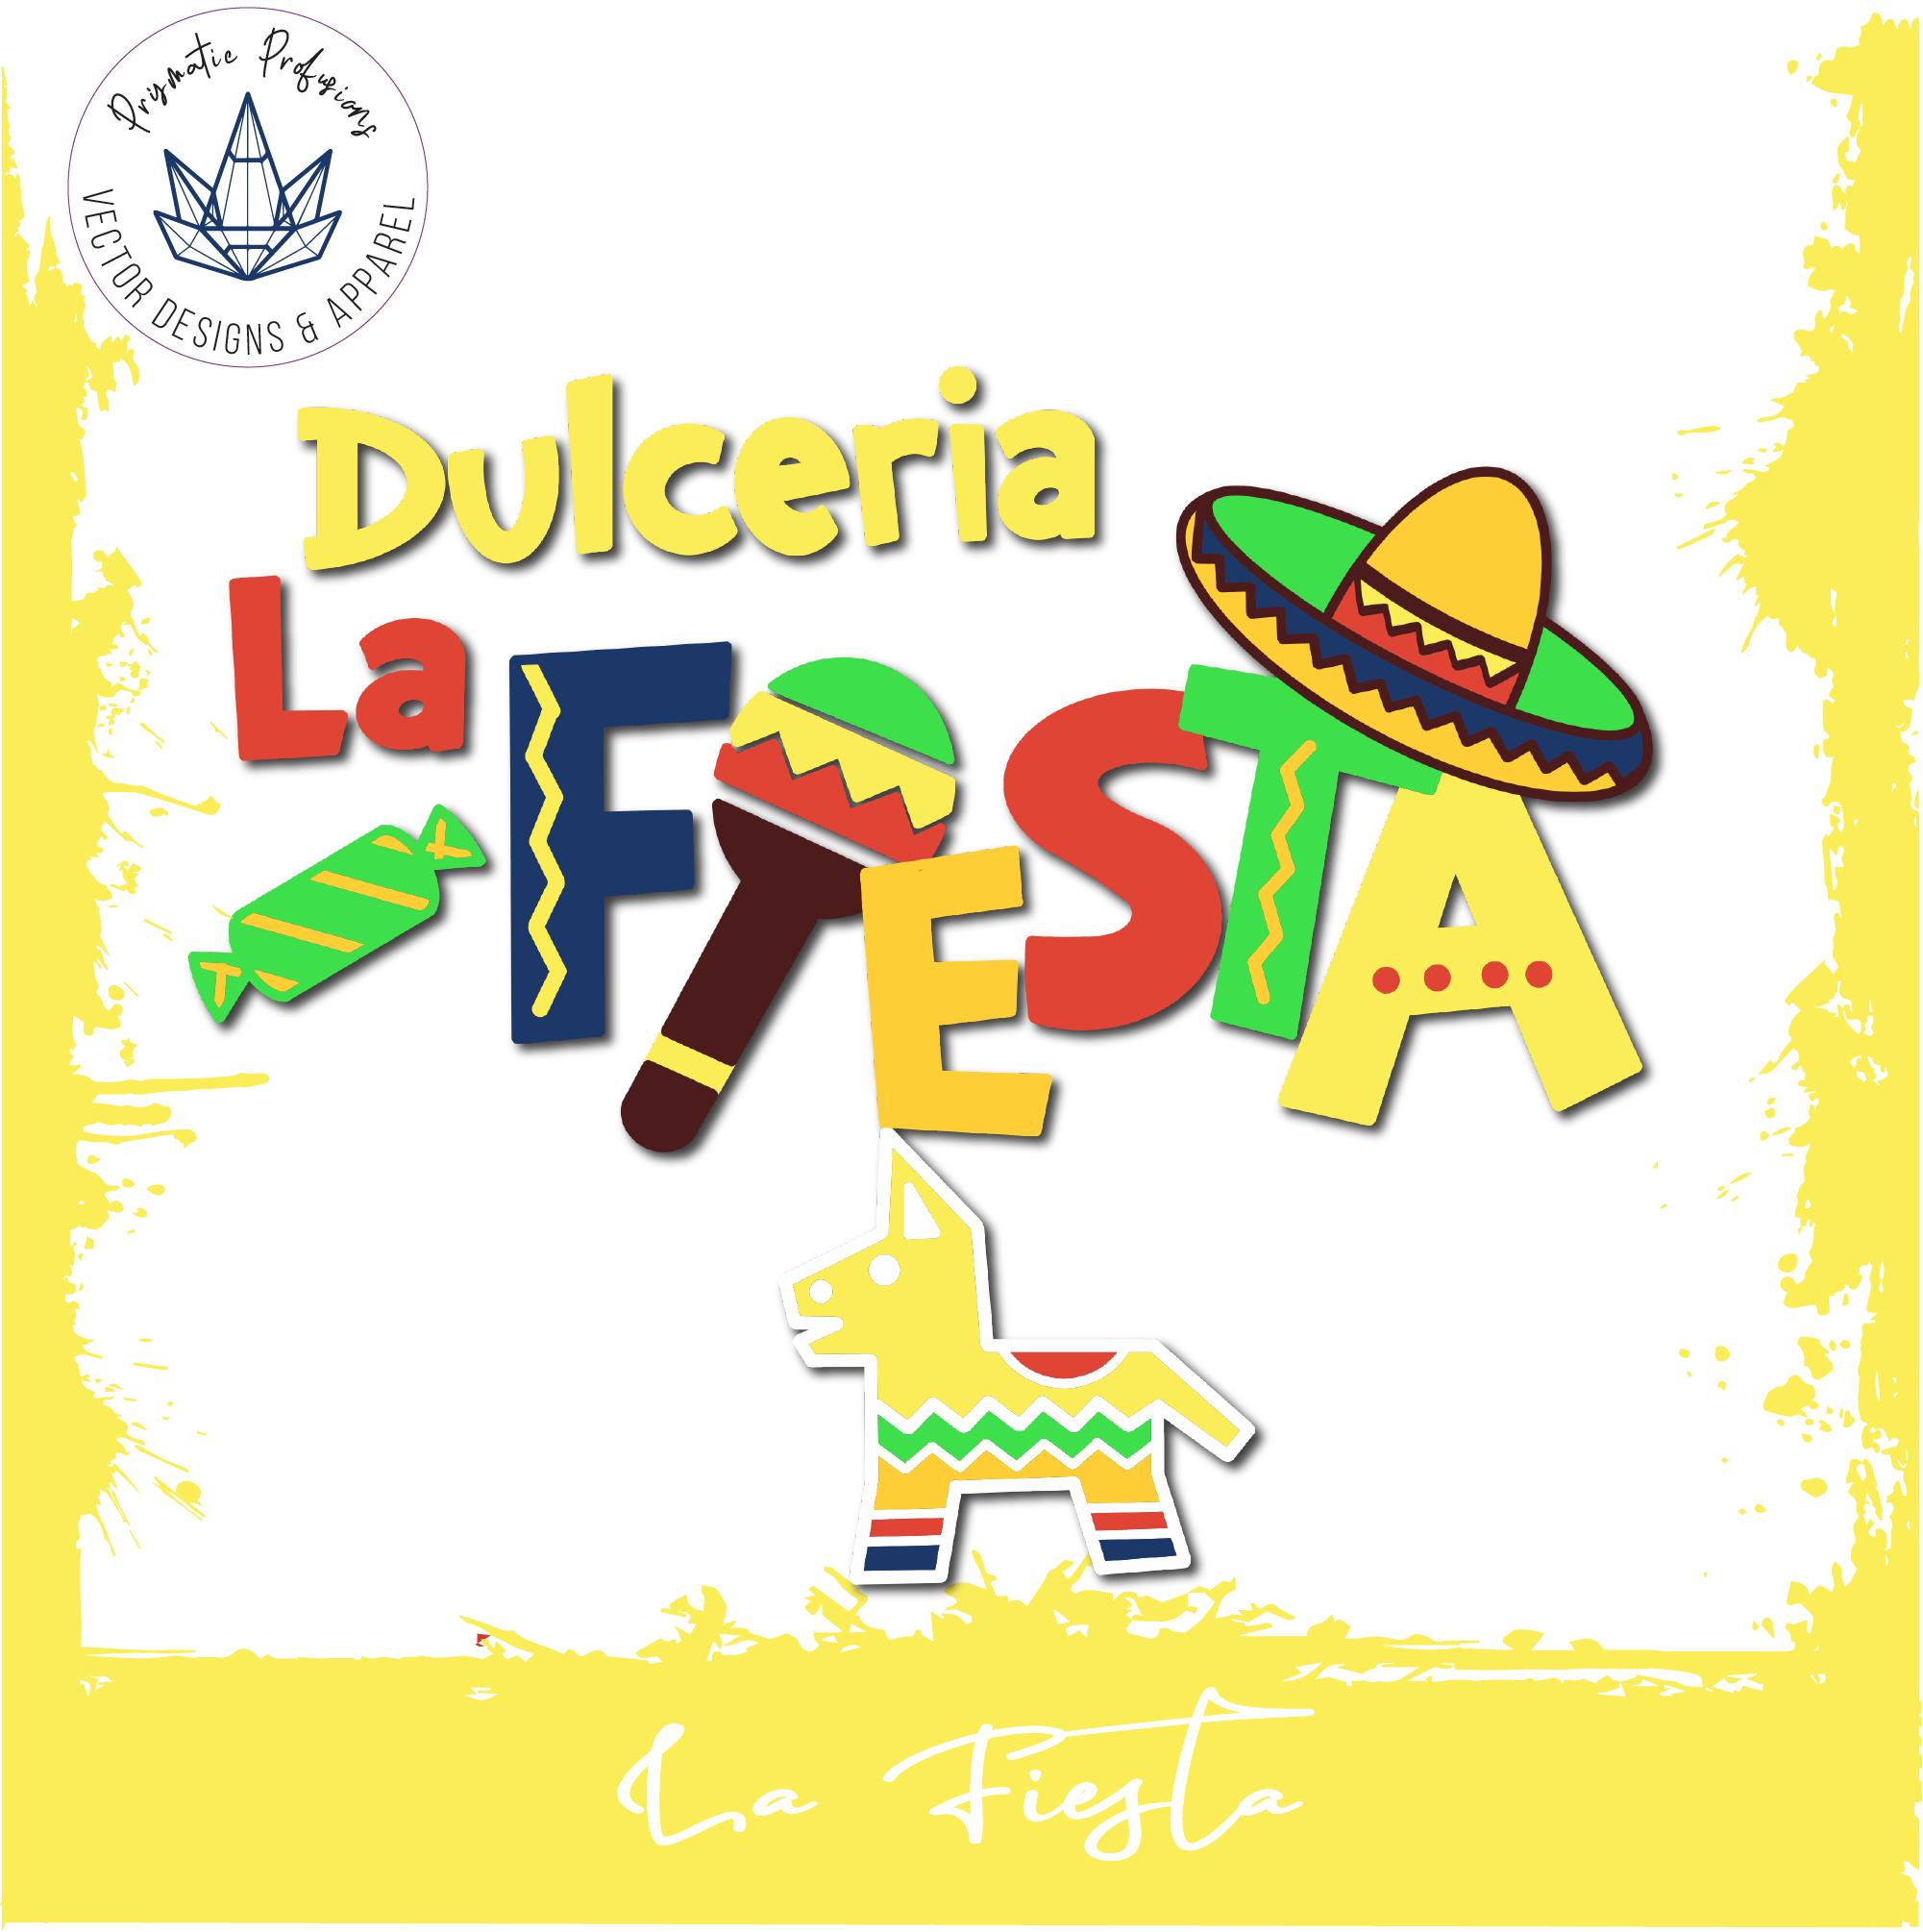 La fiesta clipart clip black and white La Fiesta, La Fiesta SVG, La Fiesta Clipart clip black and white